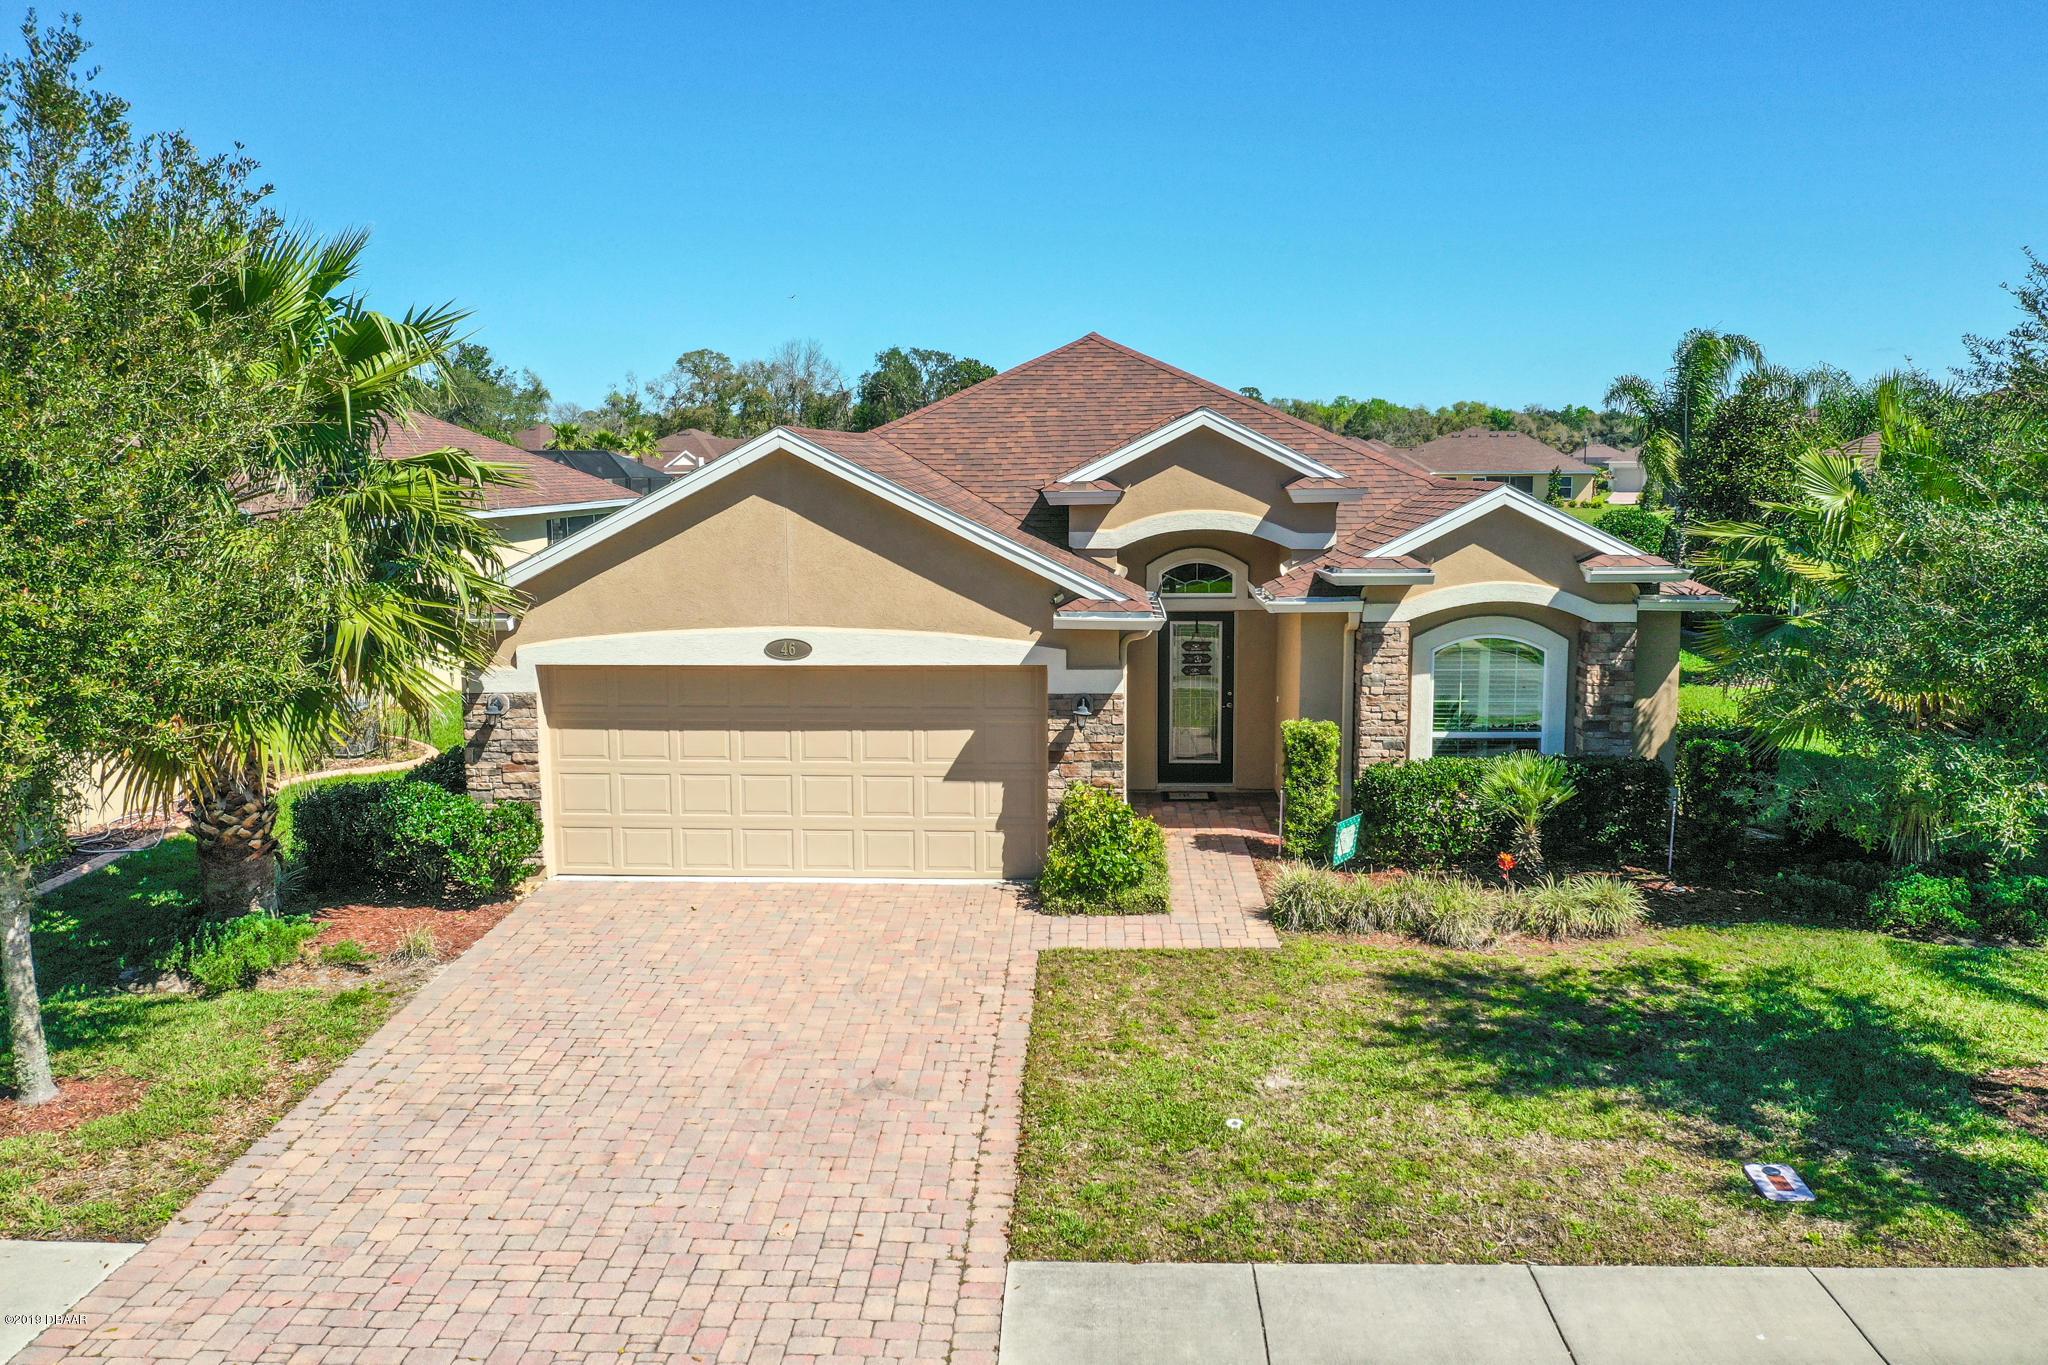 Photo of 46 Arrowhead Drive, Palm Coast, FL 32137